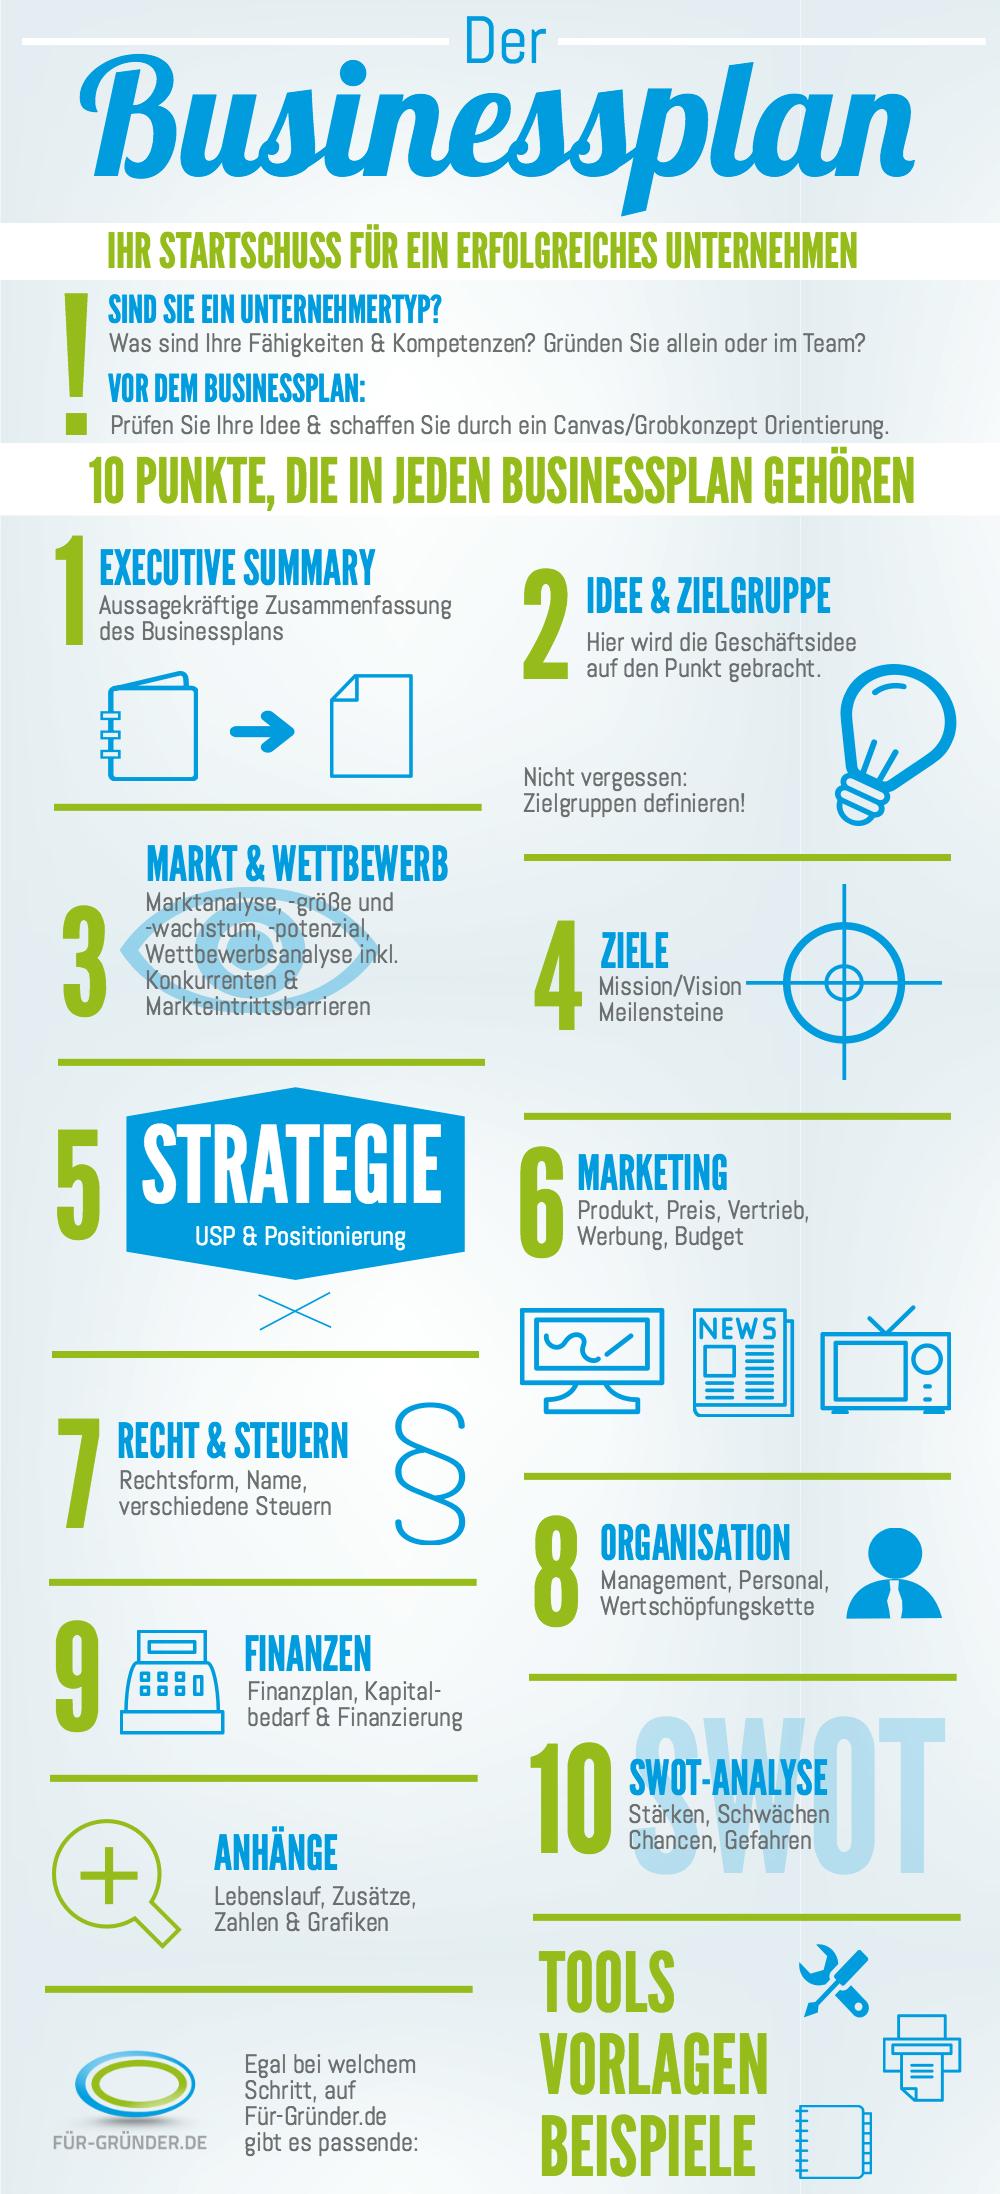 Infografik 10 Punkte In Jeden Businessplan Gehören